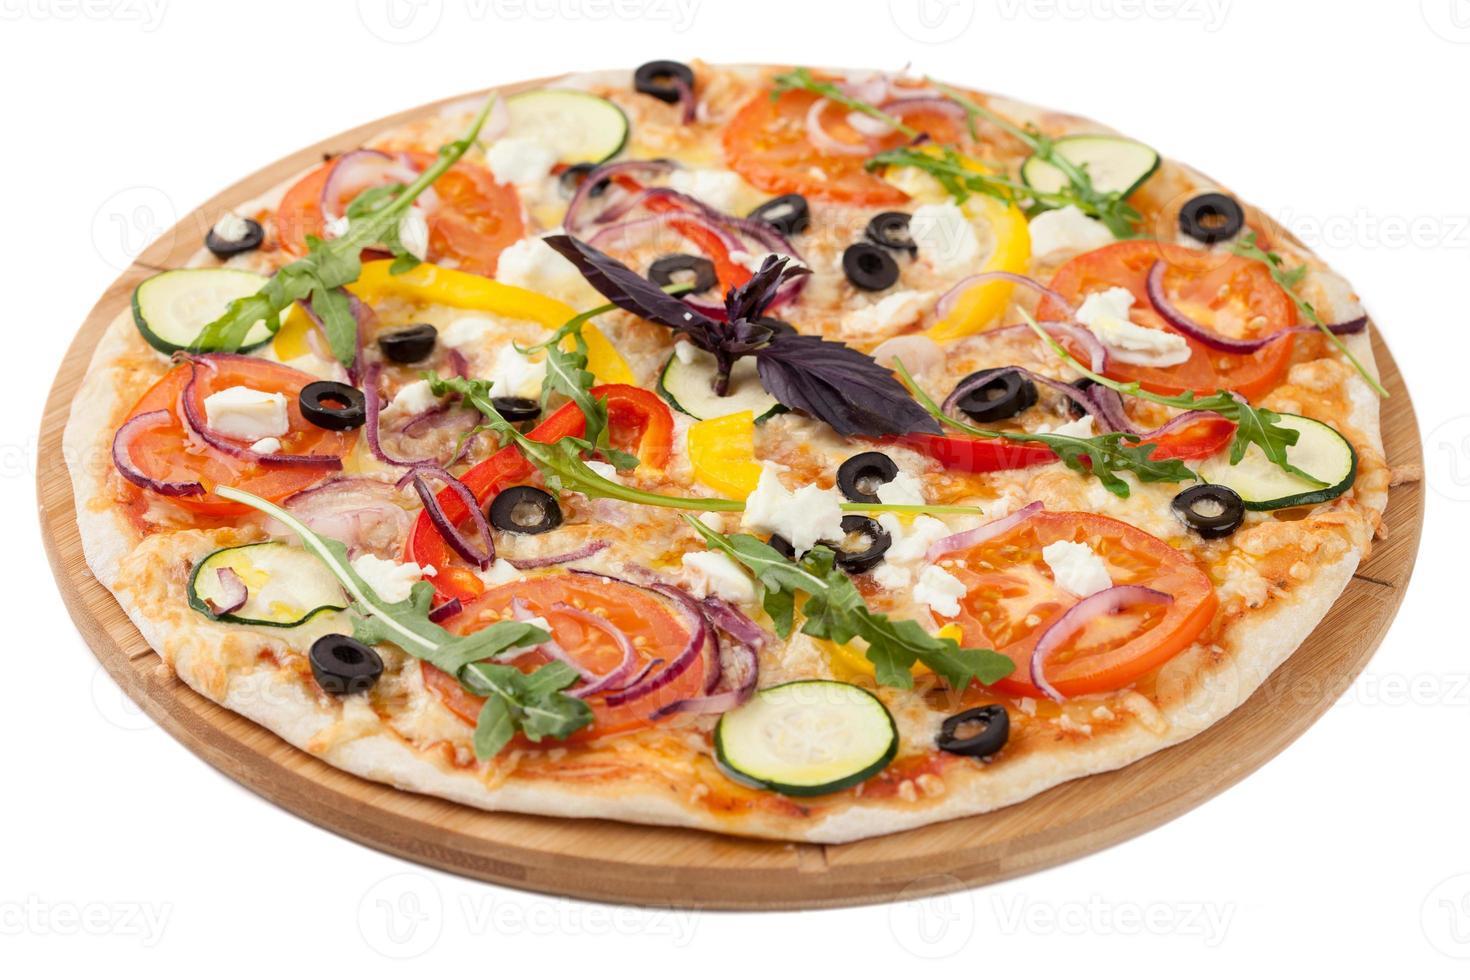 pizza caseira em fundo branco foto